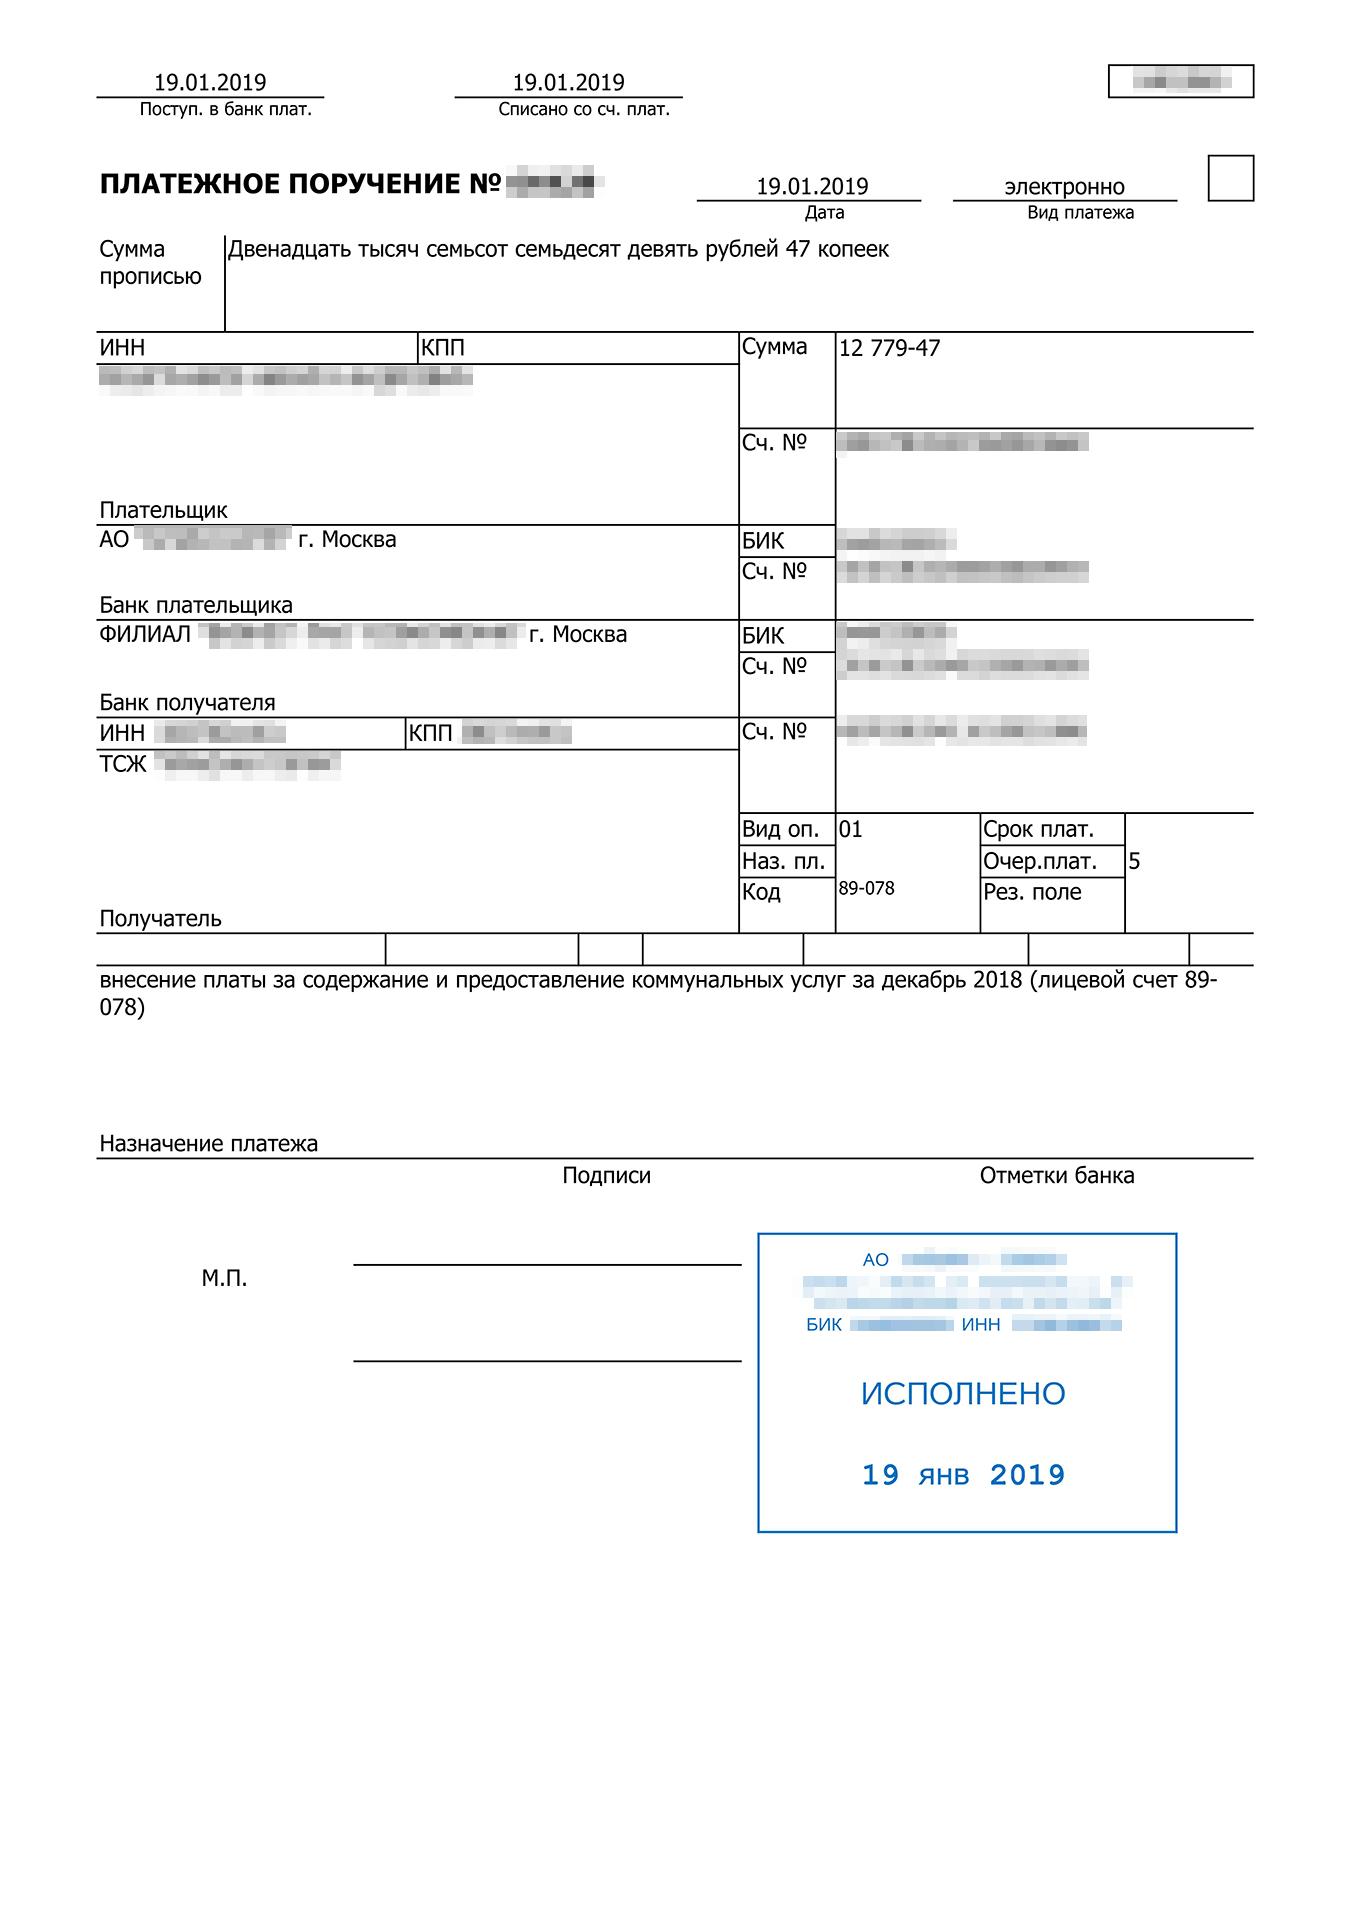 Платежное поручение, которое подтверждает межбанковский перевод денег на расчетный счет организации